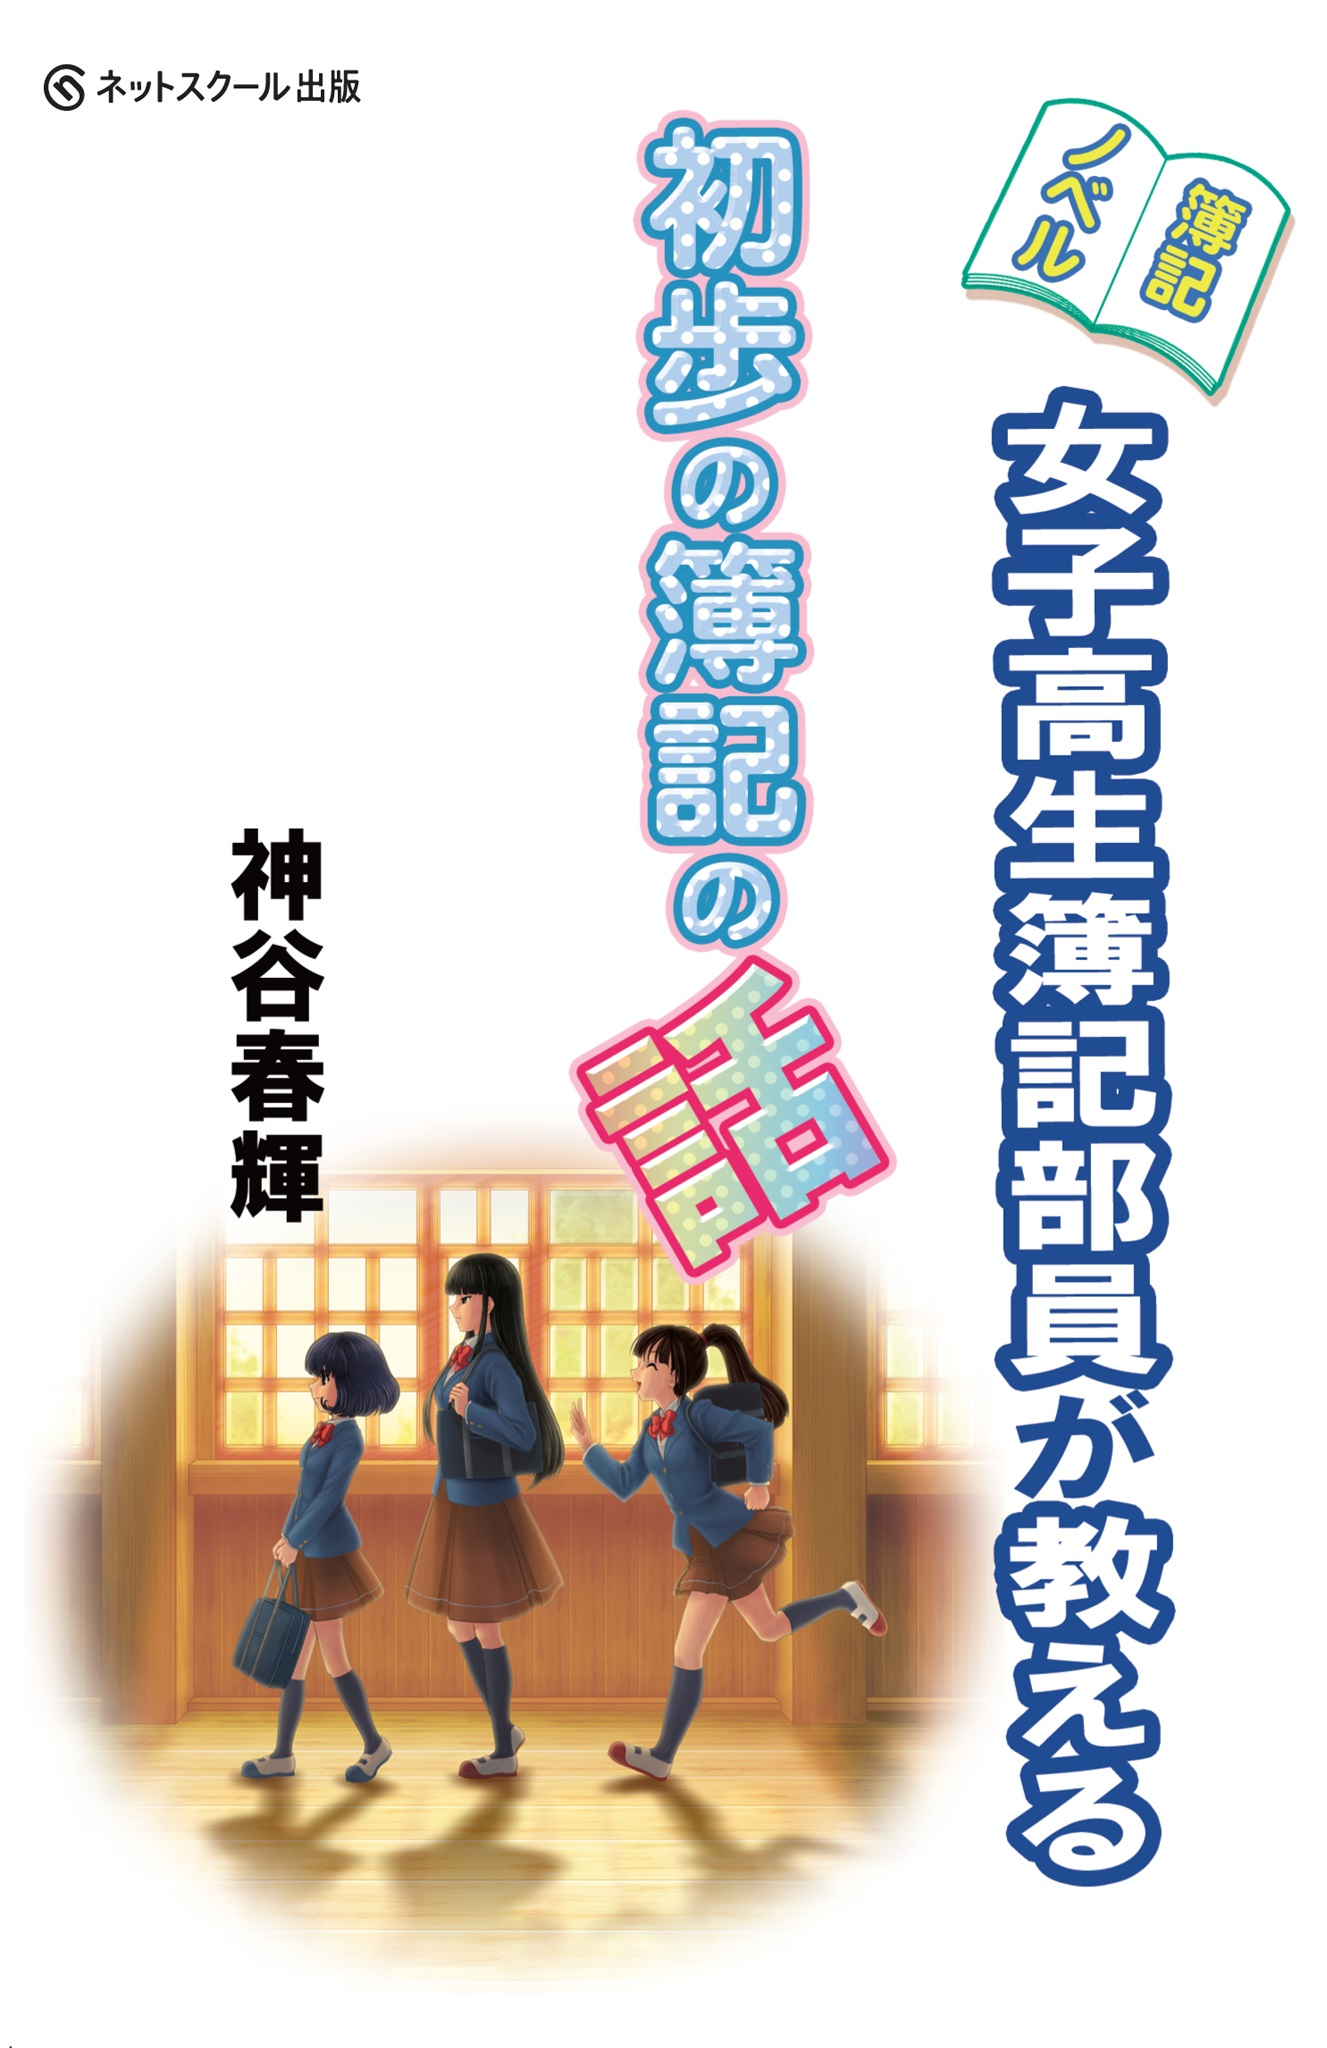 簿記ノベル 女子高生簿記部員が教える初歩の簿記の話